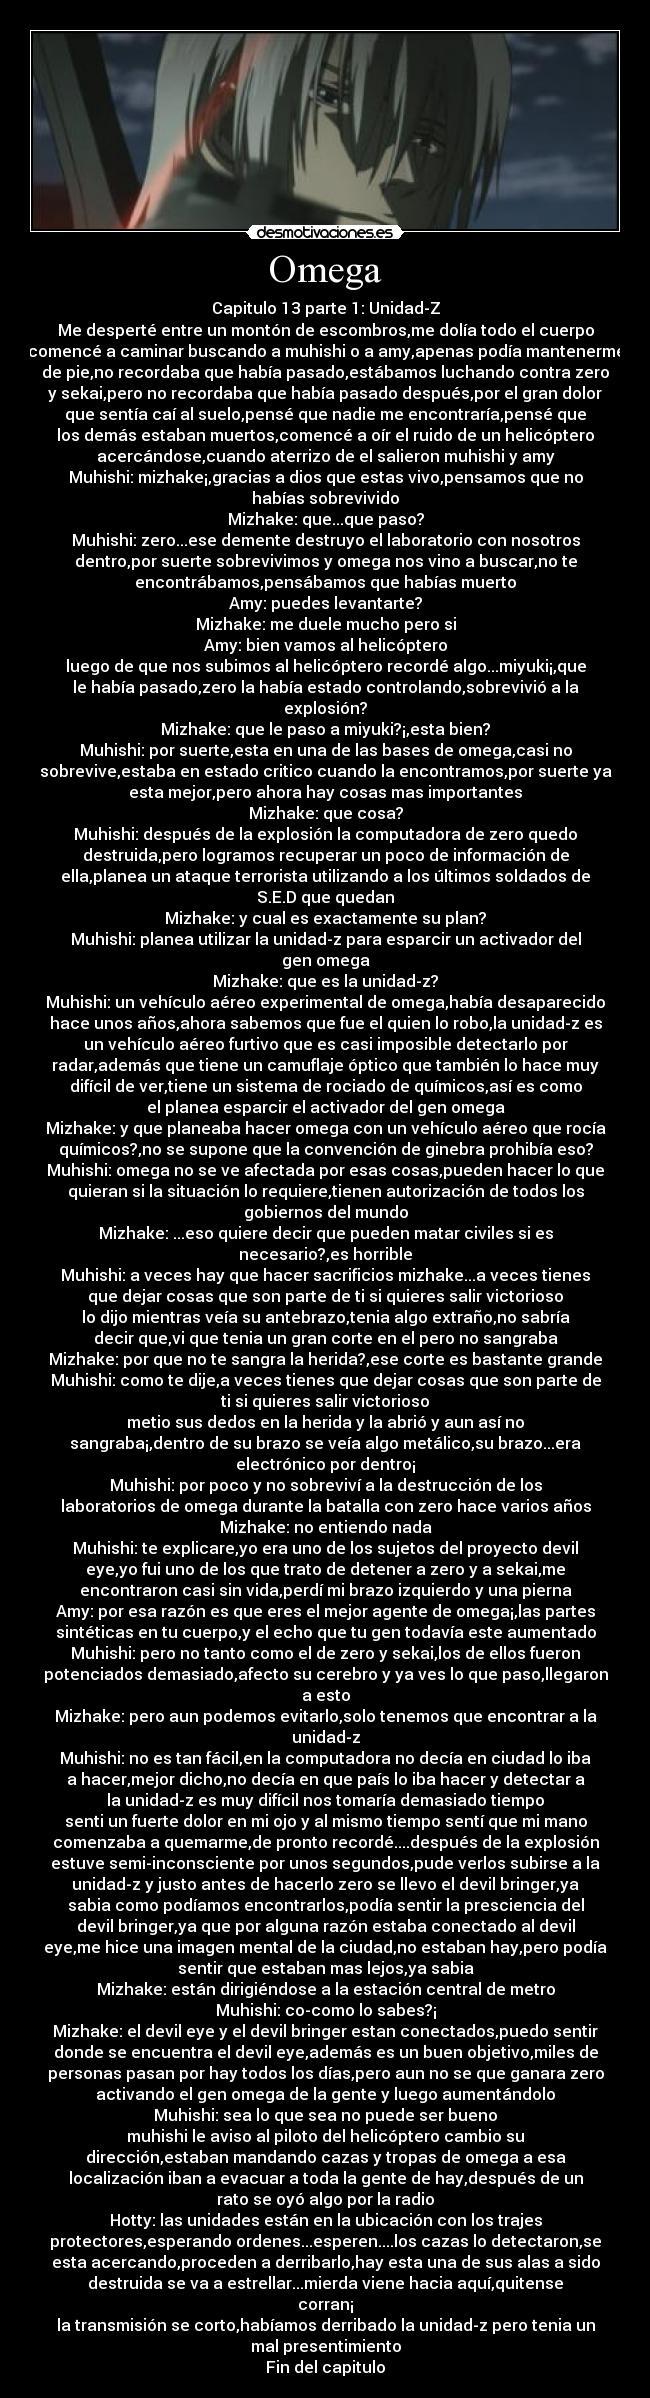 Vida Me La Lo Robo Que 48 Capitulo